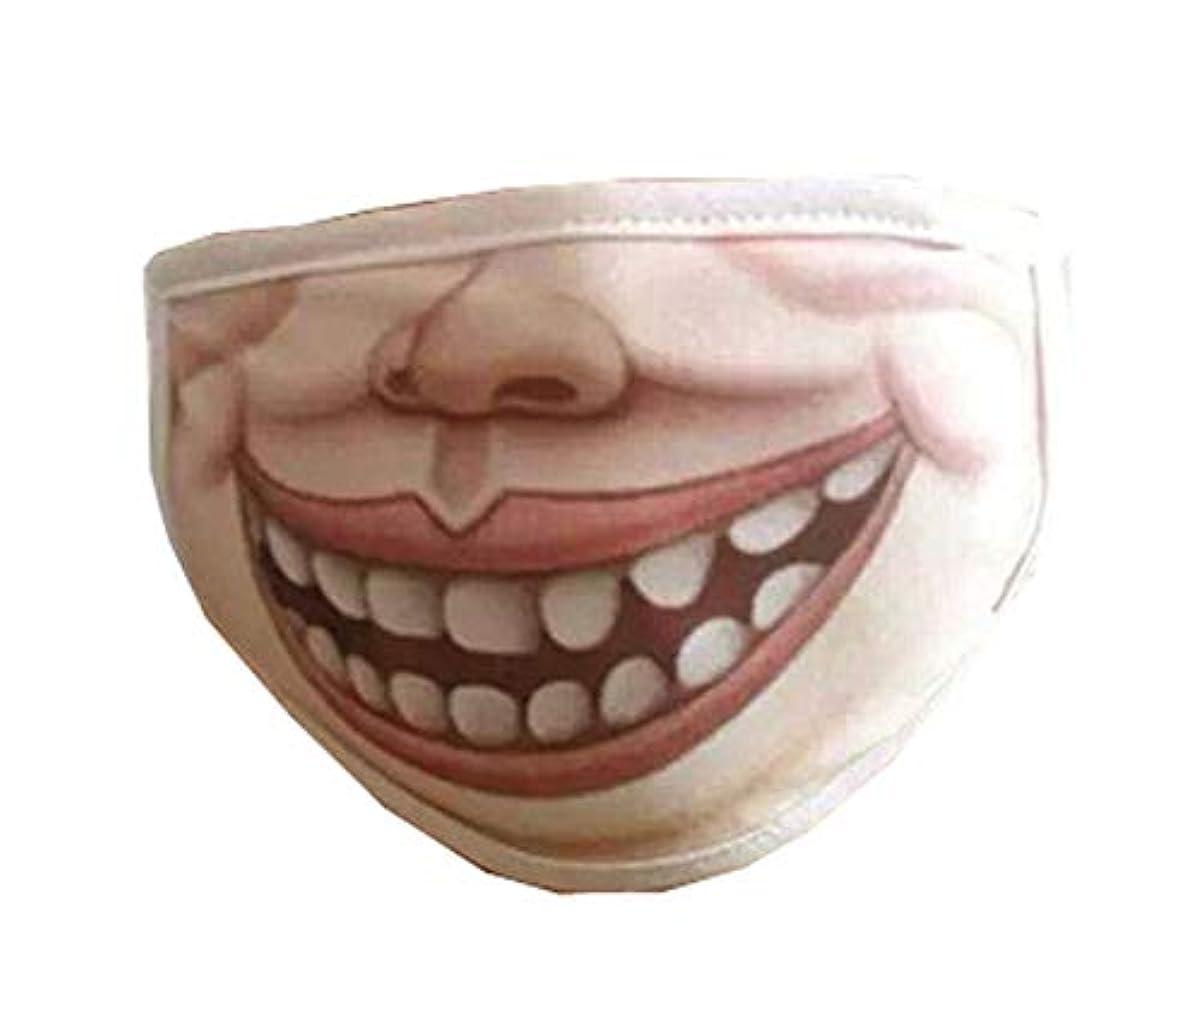 ボード病気のそよ風面白い口のマスク、かわいいユニセックス顔の十代のマスク(G2)